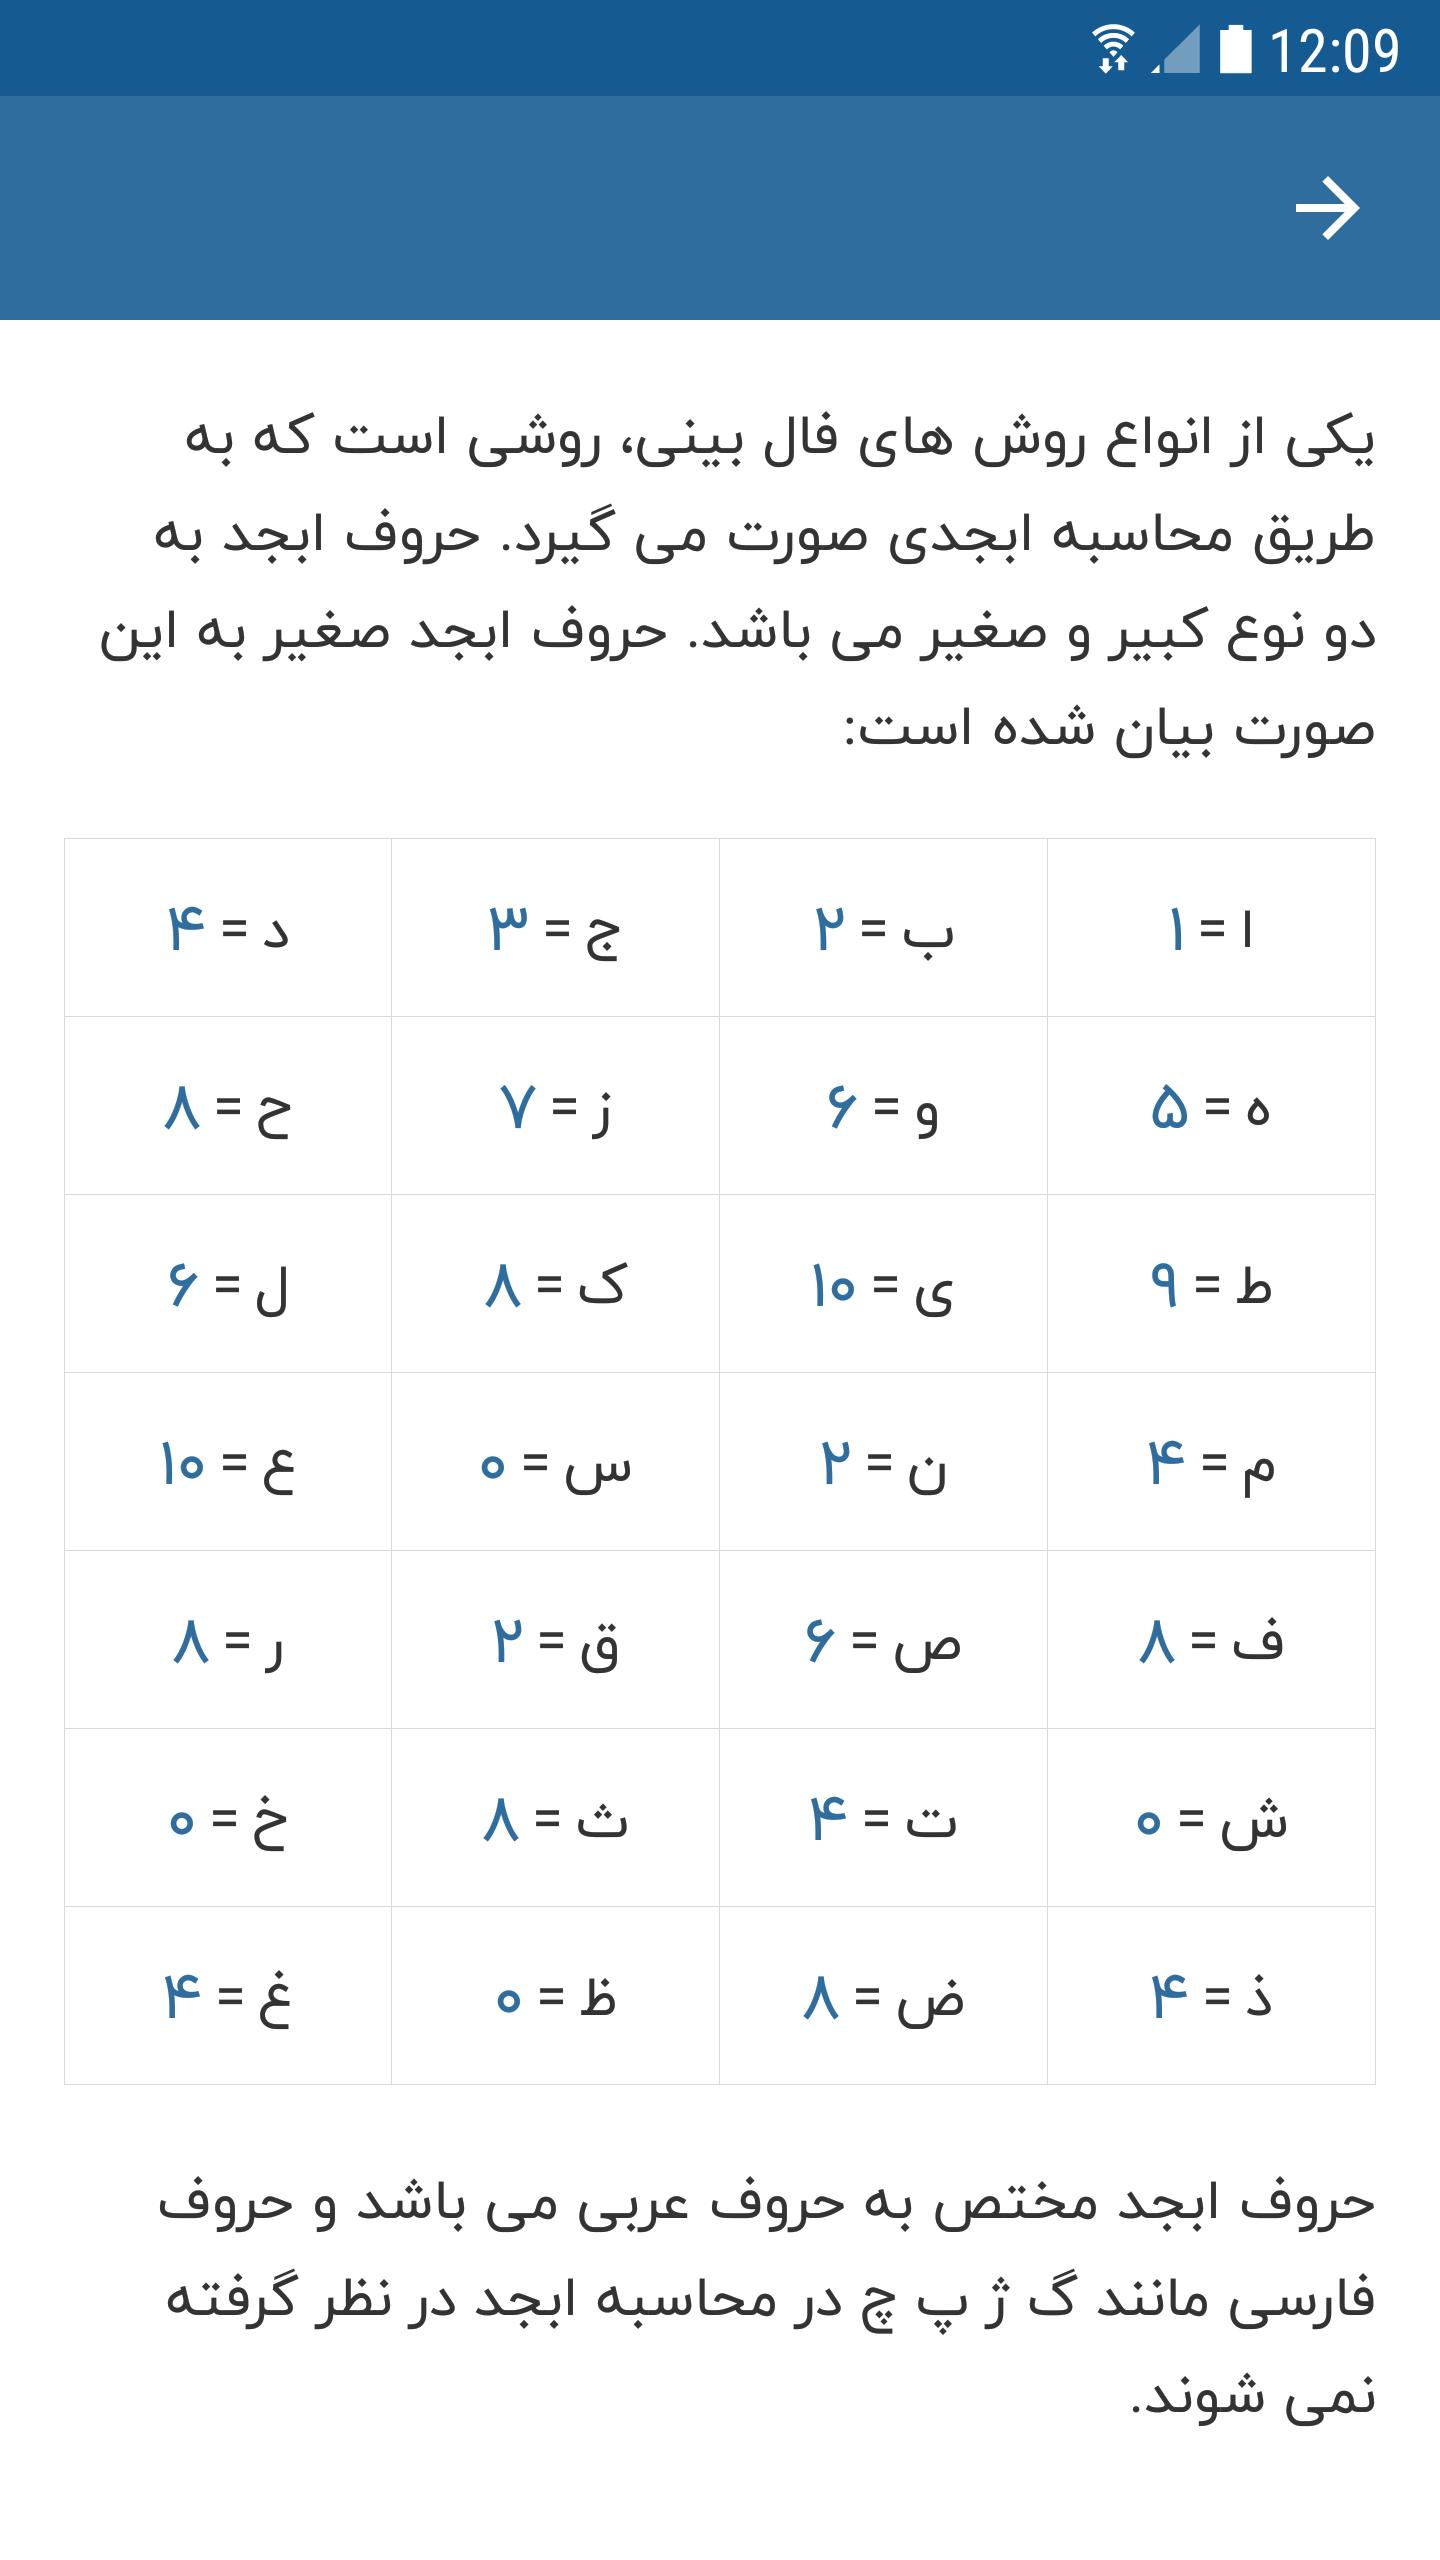 تصویر 10 فال ابجد + محاسبه ابجد